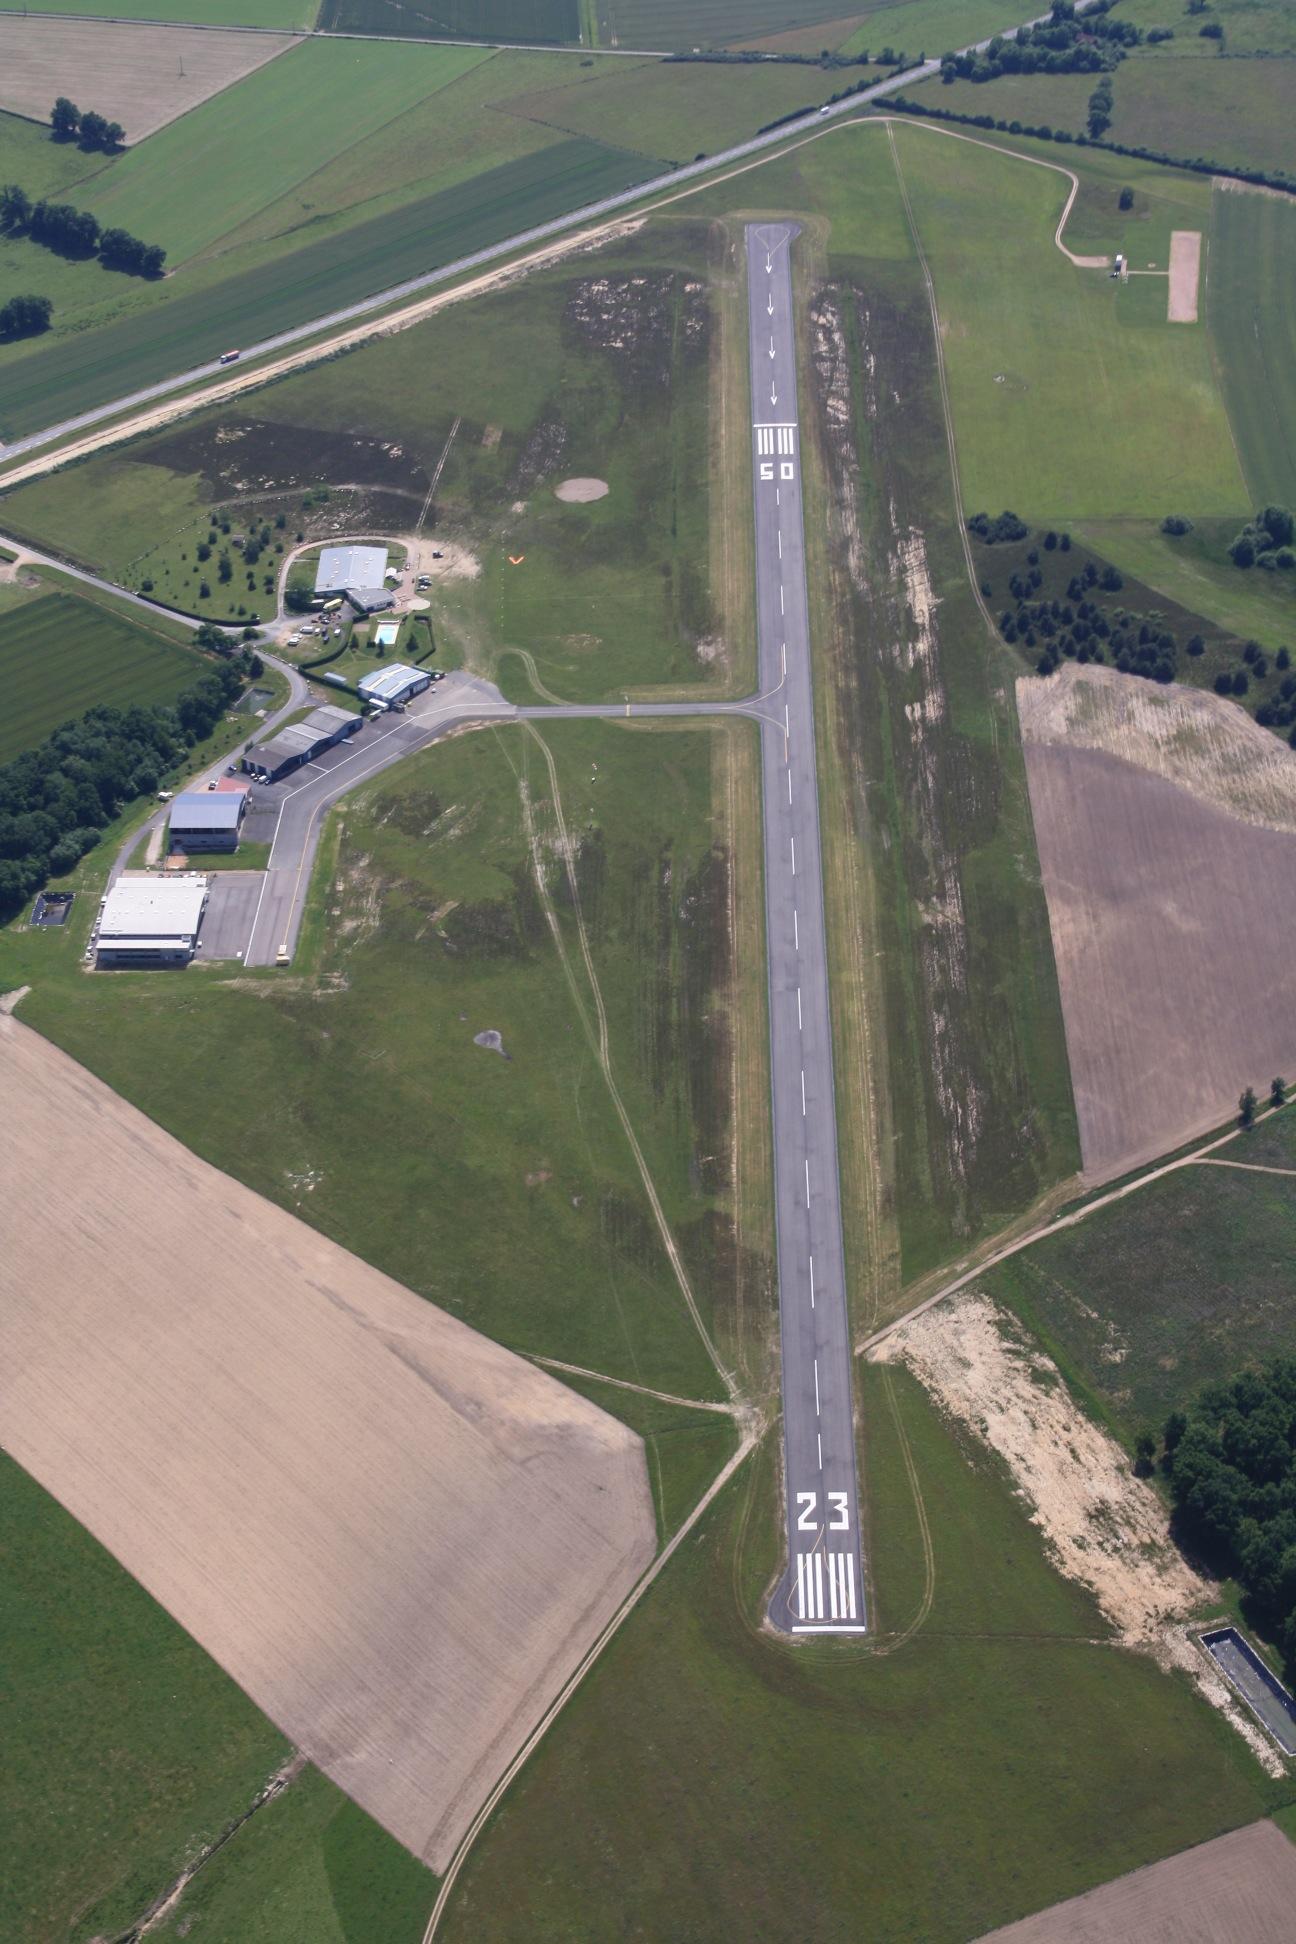 L'aérodrome de Lapalisse, fief de la société CAVOK